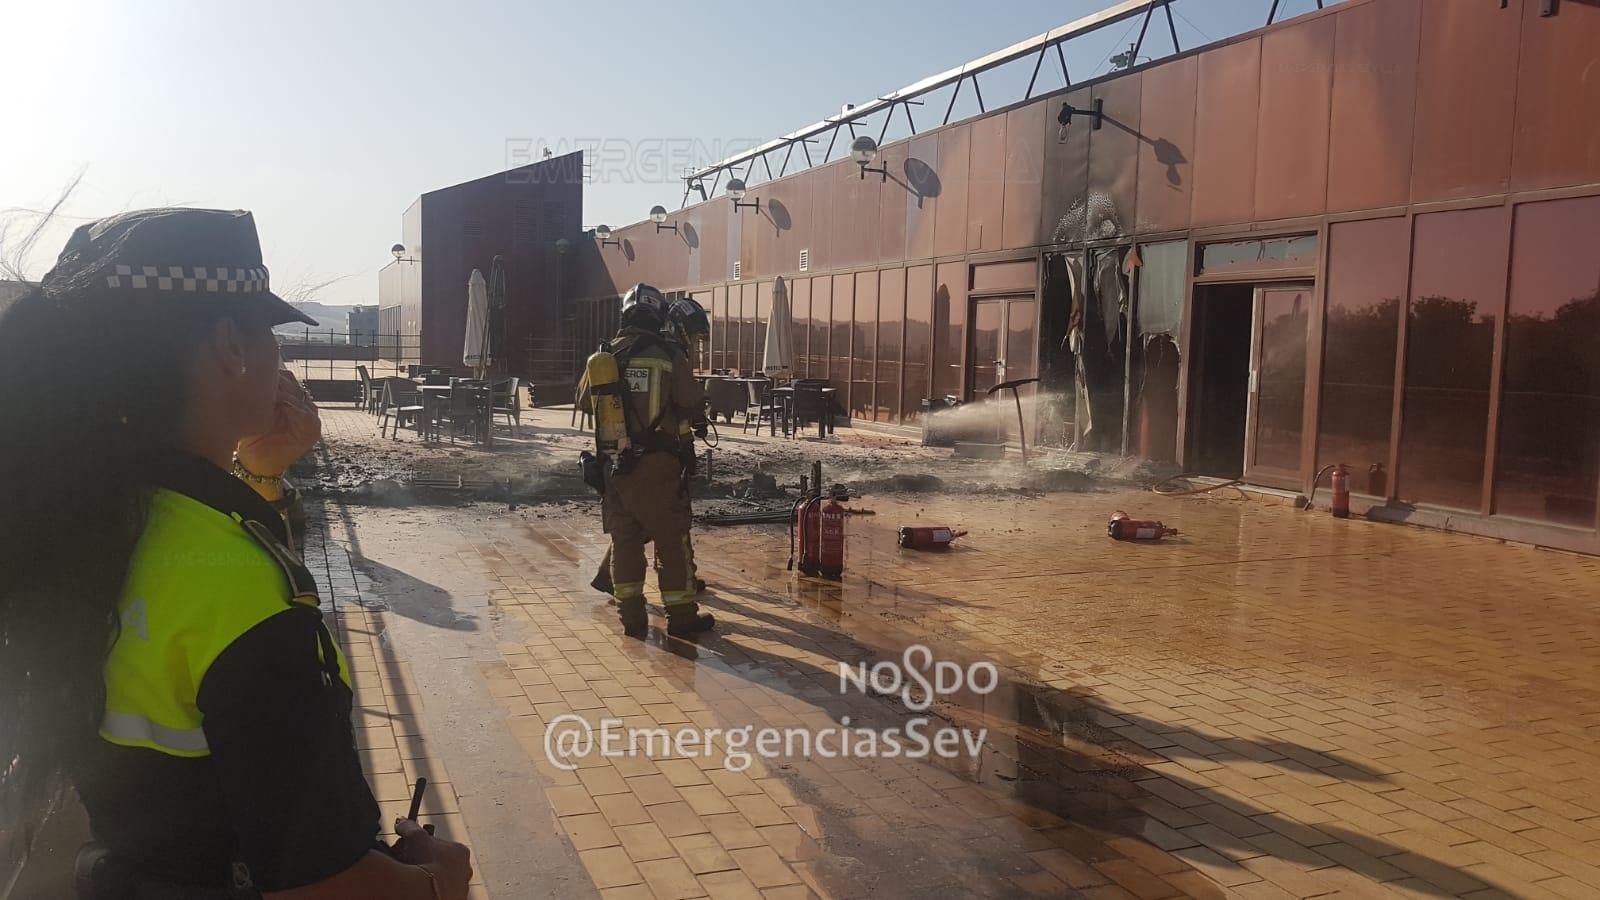 Bomberos de Sevilla extinguen un incendio declarado en la última planta de la Escuela de Ingenieros